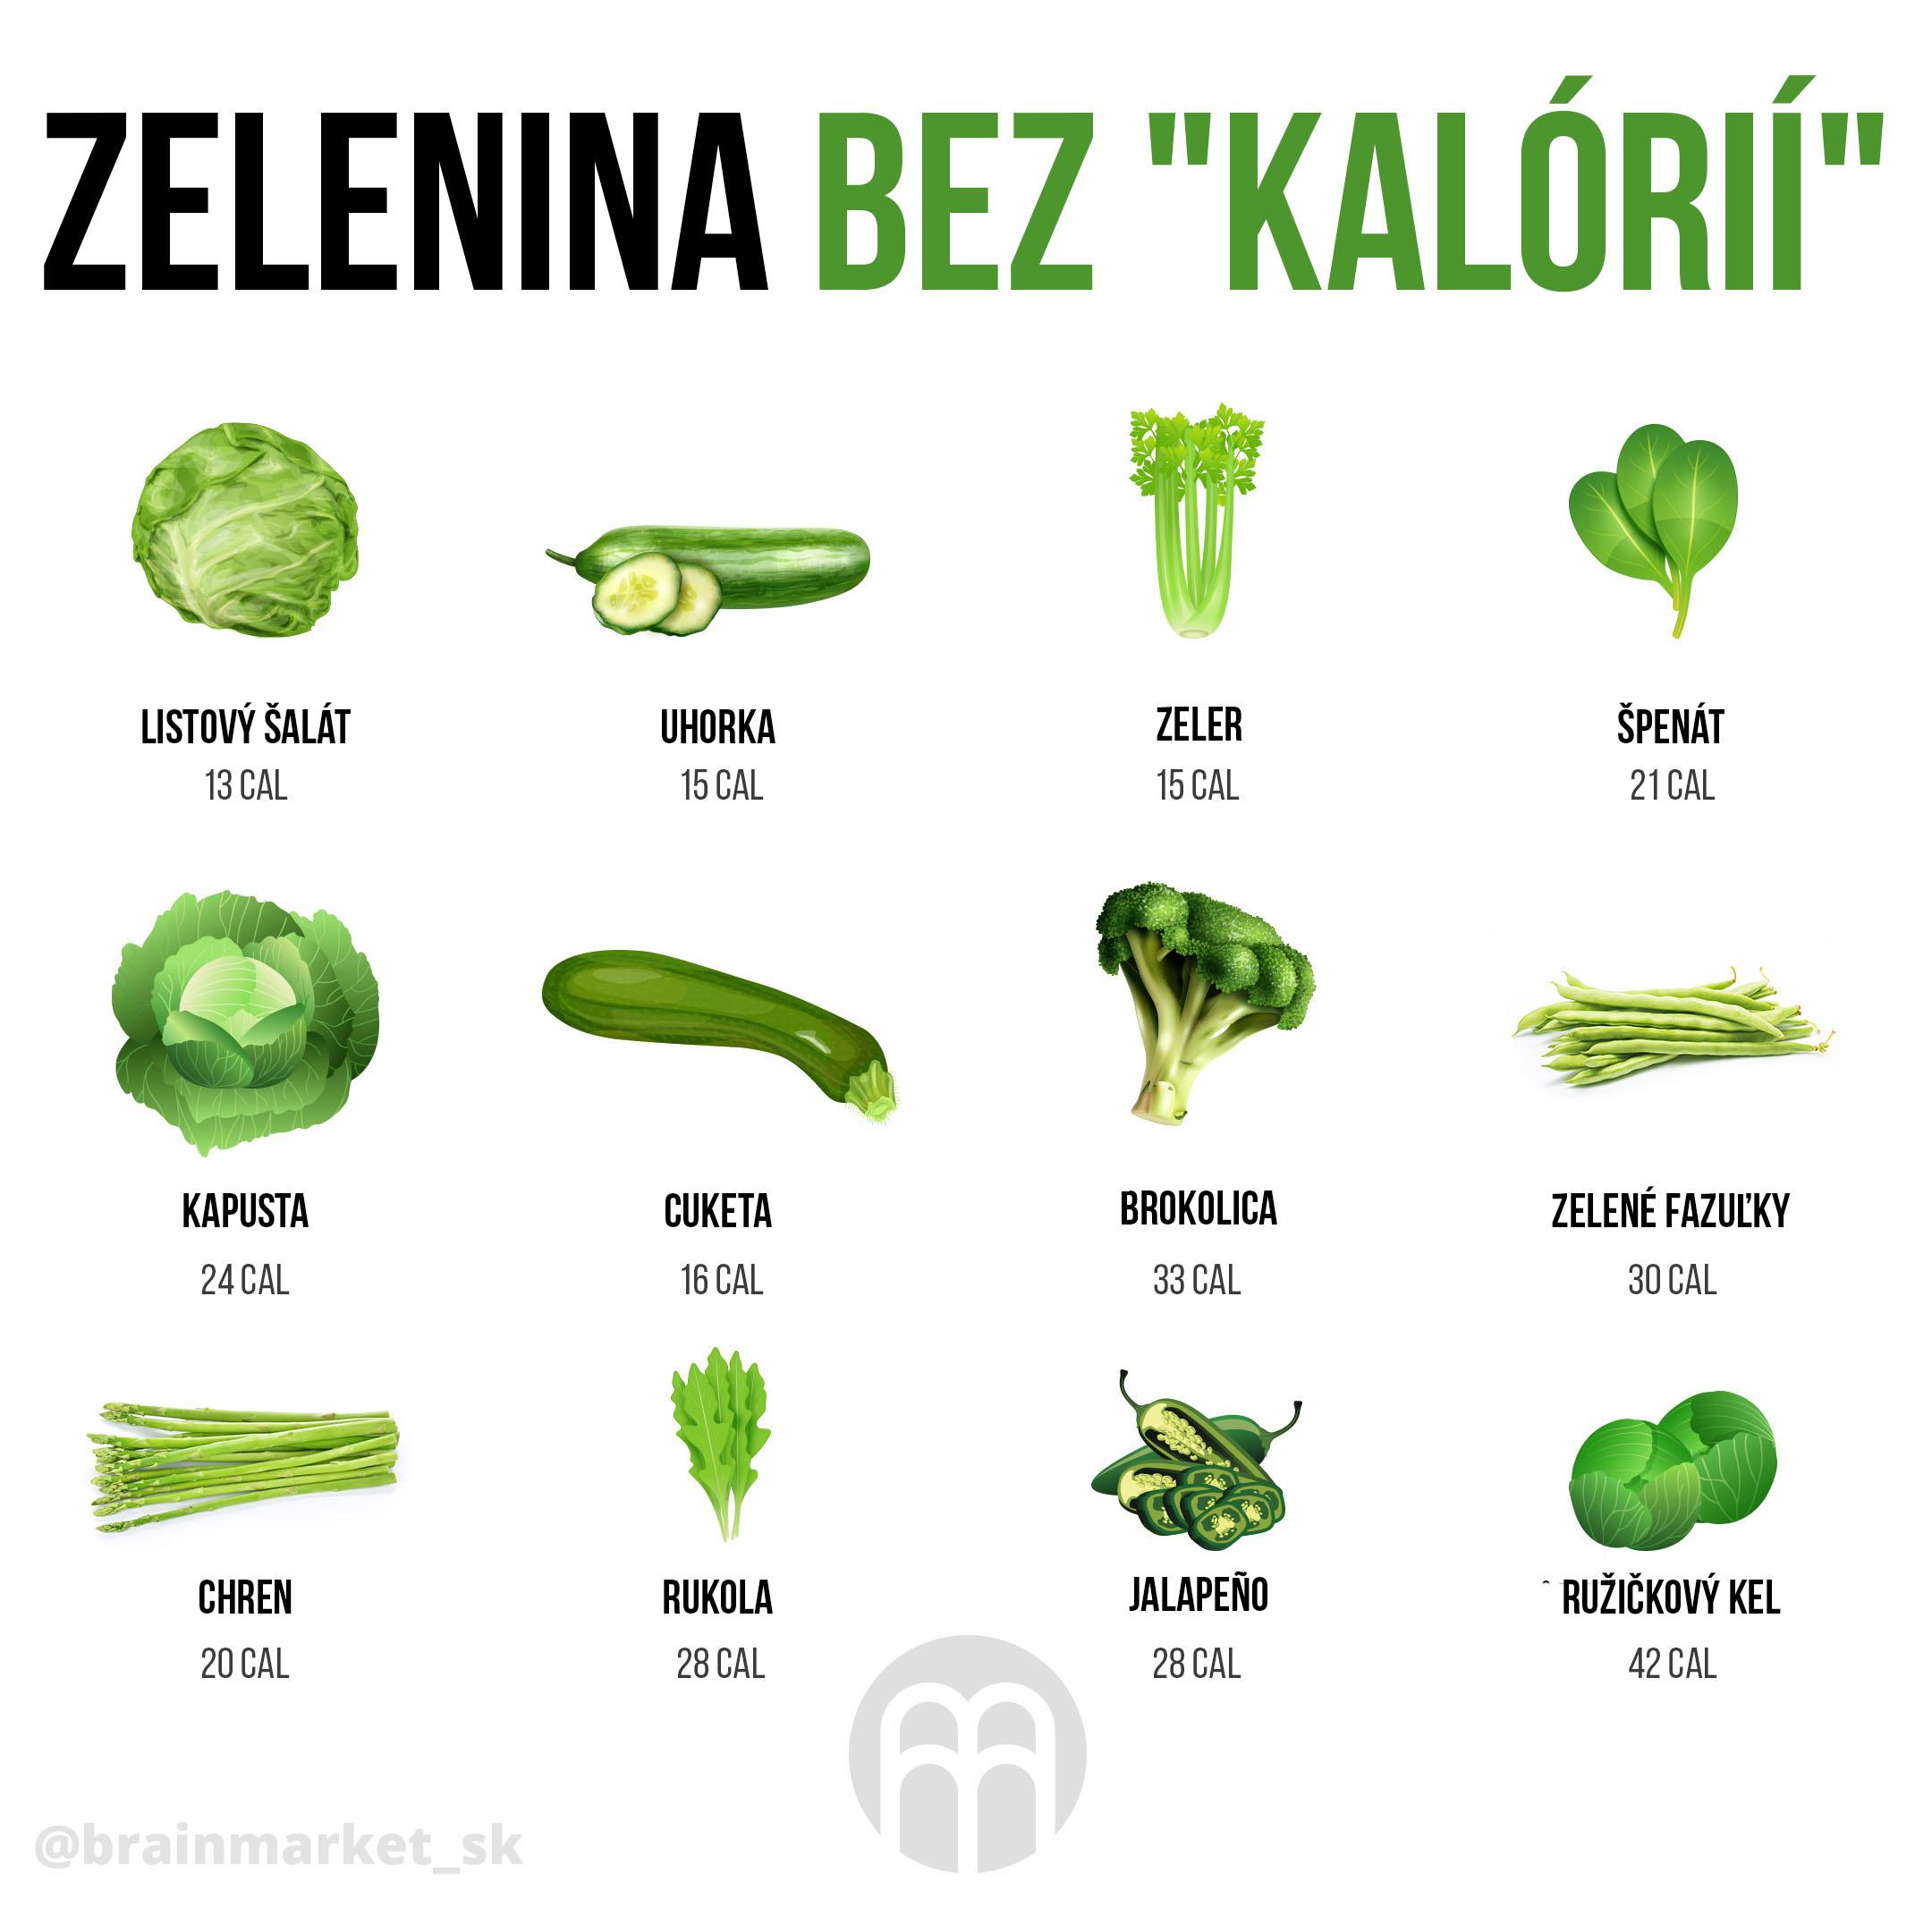 zelenina-bez-kalori-infografika-brainmarket-sk